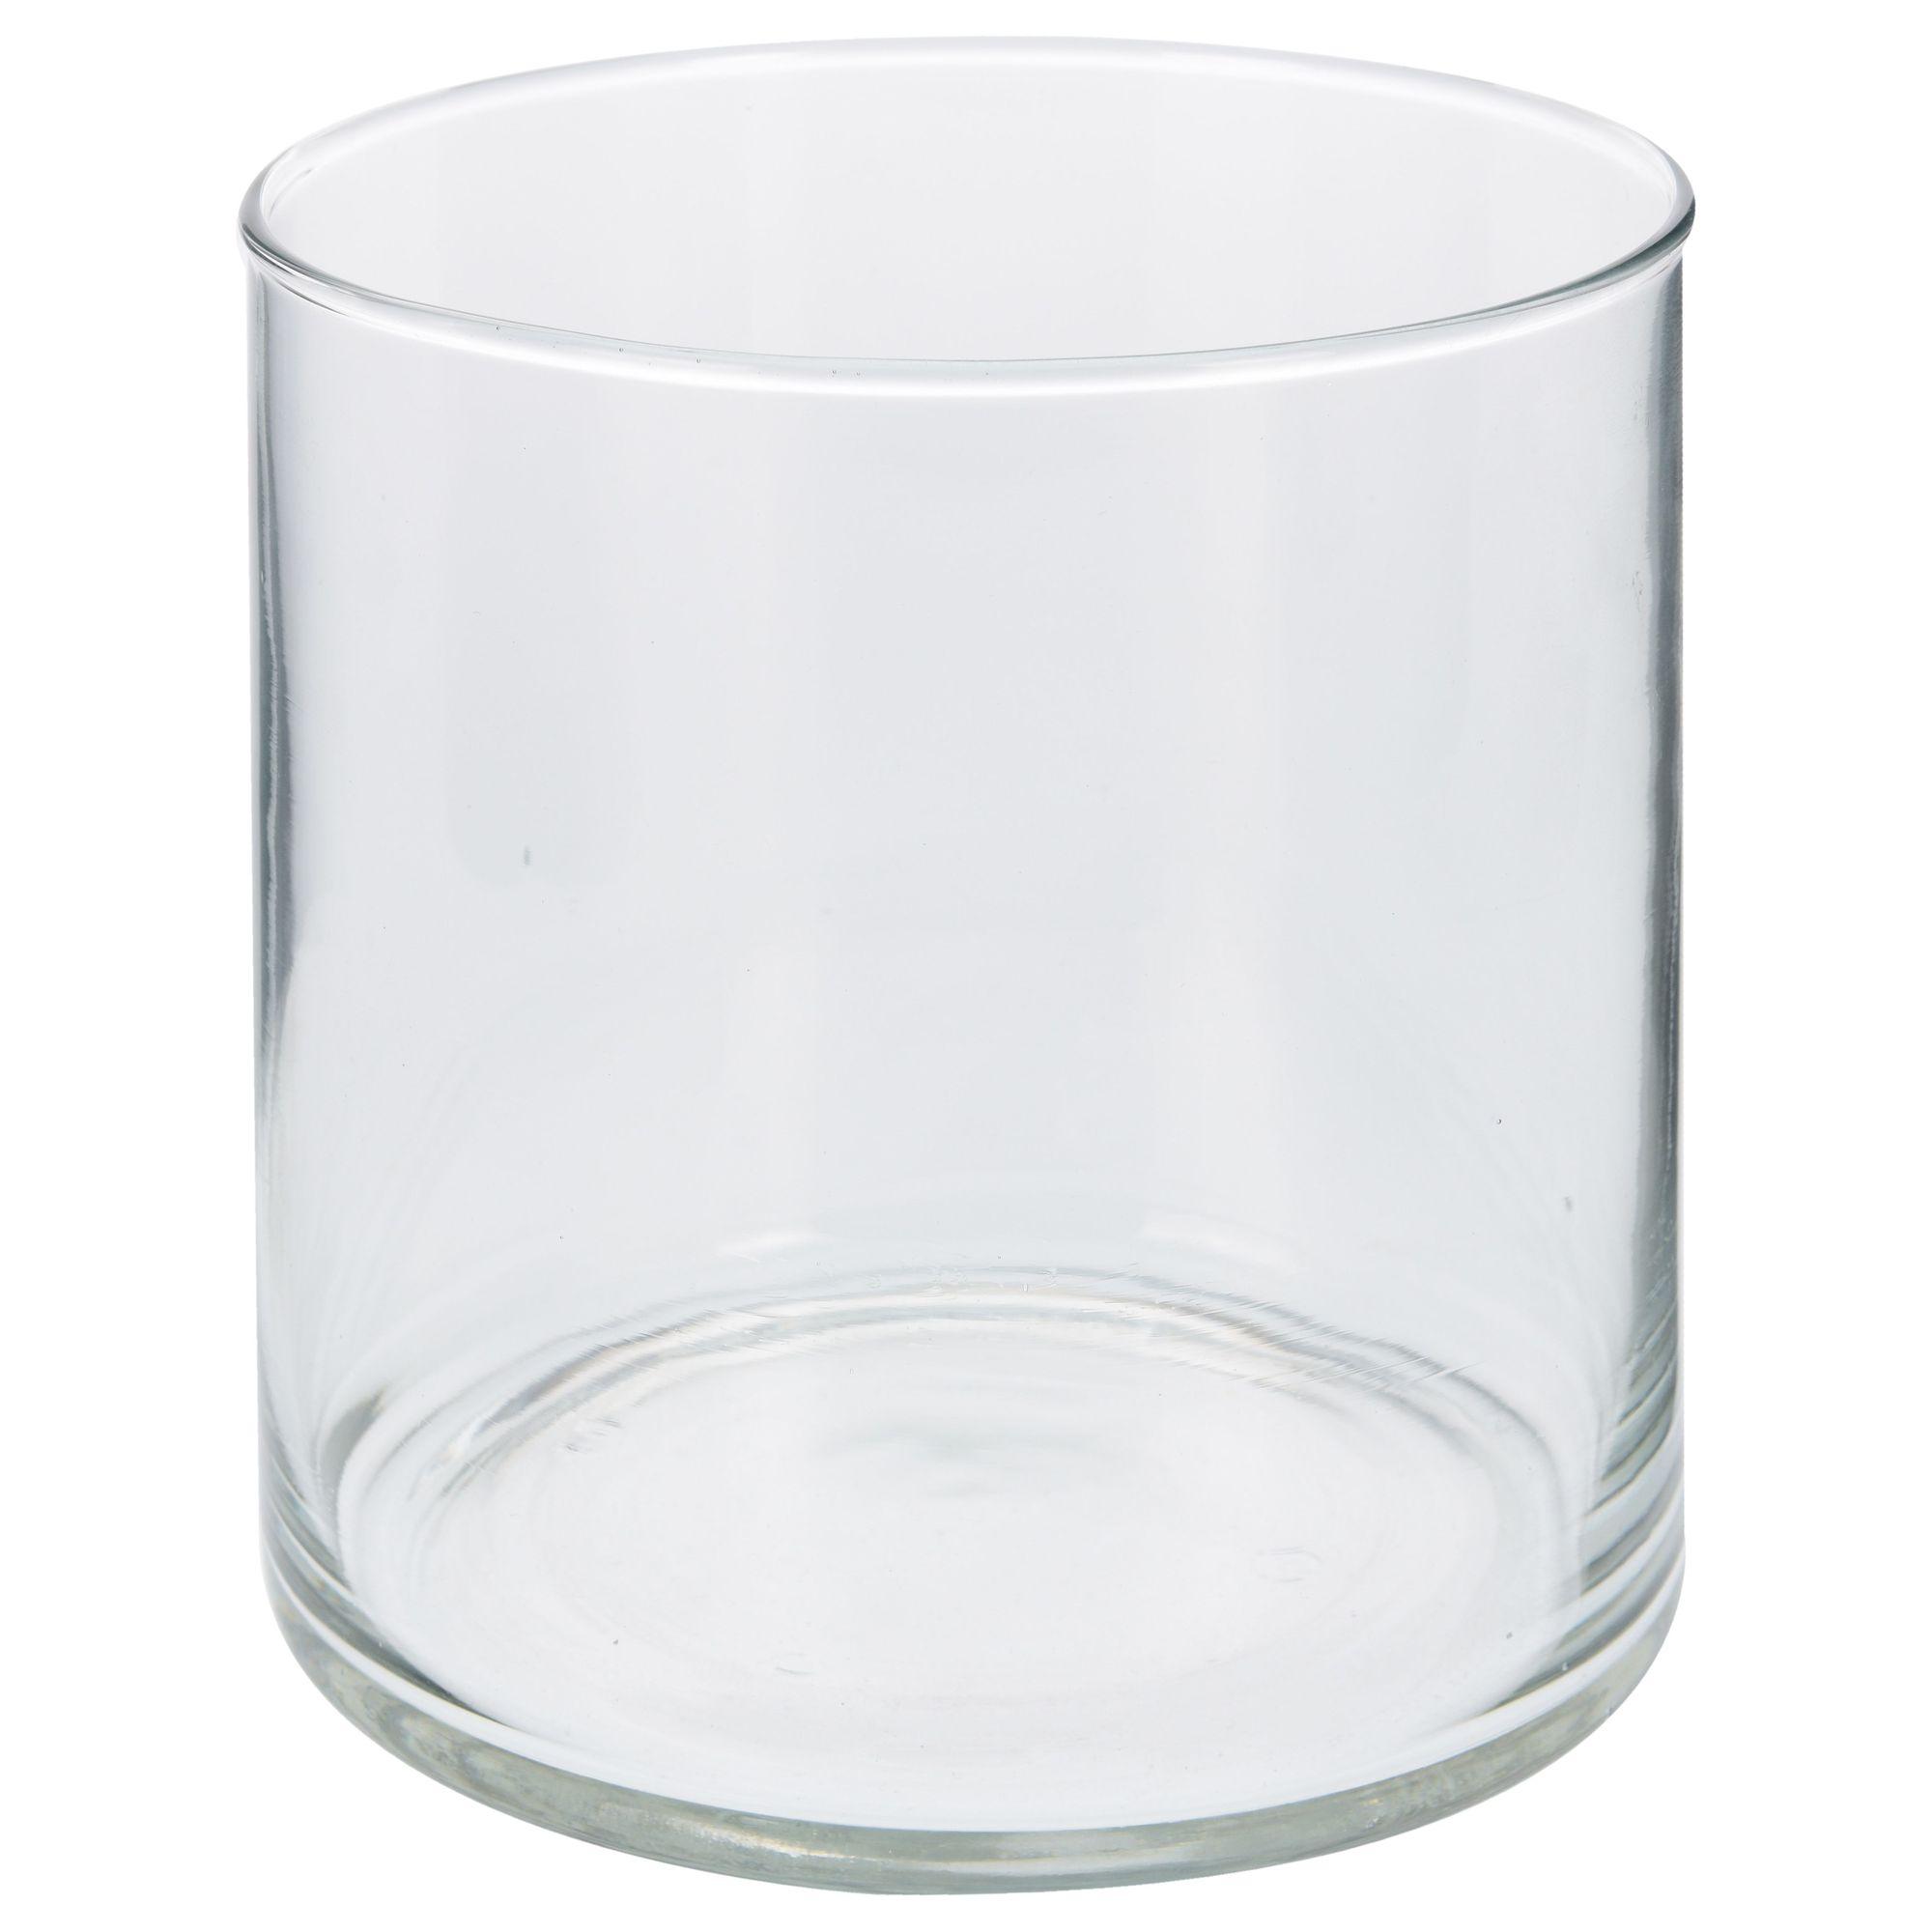 Ваза интерьернаяВаза Excellent Houseware станет уместным подарком или презентом. Модель изготавливается из экологически чистого материала – стекла. За счет того, что стекло толстое, изделие характеризуется прочностью. Диаметр вазы составляет 15 см, поэтому в нее поместится даже пышный букет.Помимо цветов, в вазу можно поместить декор, тем самым, придав комнате необычный акцент. Изделие прозрачное, поэтому гармонично впишется в интерьер, оформленный в стиле классик, хай-тек, модерн.<br>